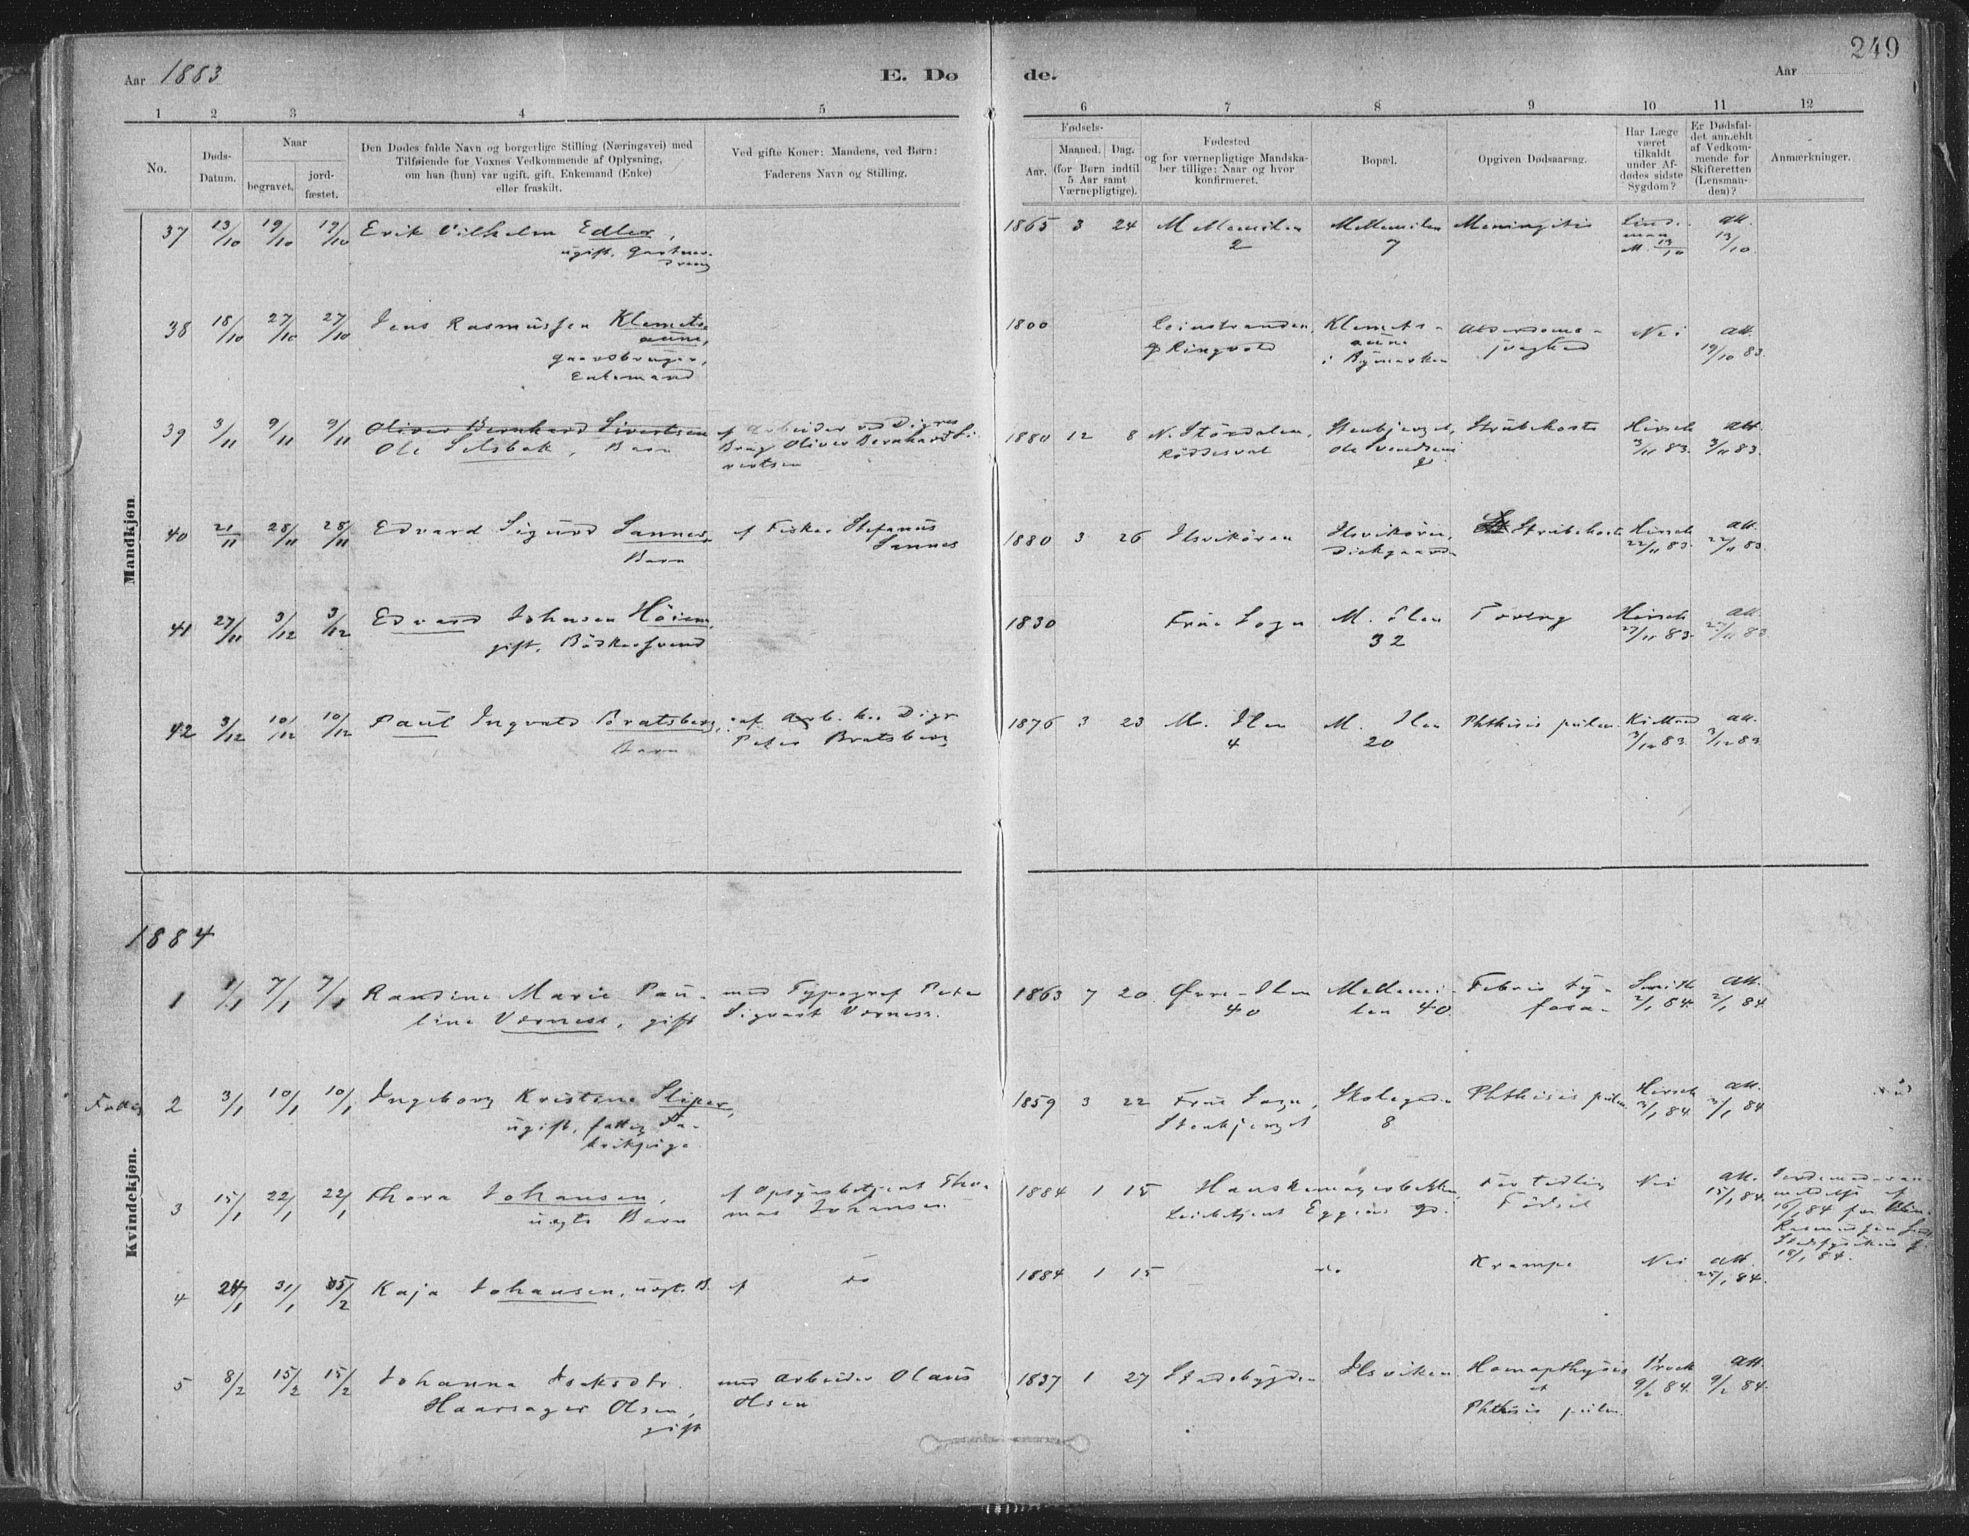 SAT, Ministerialprotokoller, klokkerbøker og fødselsregistre - Sør-Trøndelag, 603/L0162: Ministerialbok nr. 603A01, 1879-1895, s. 249